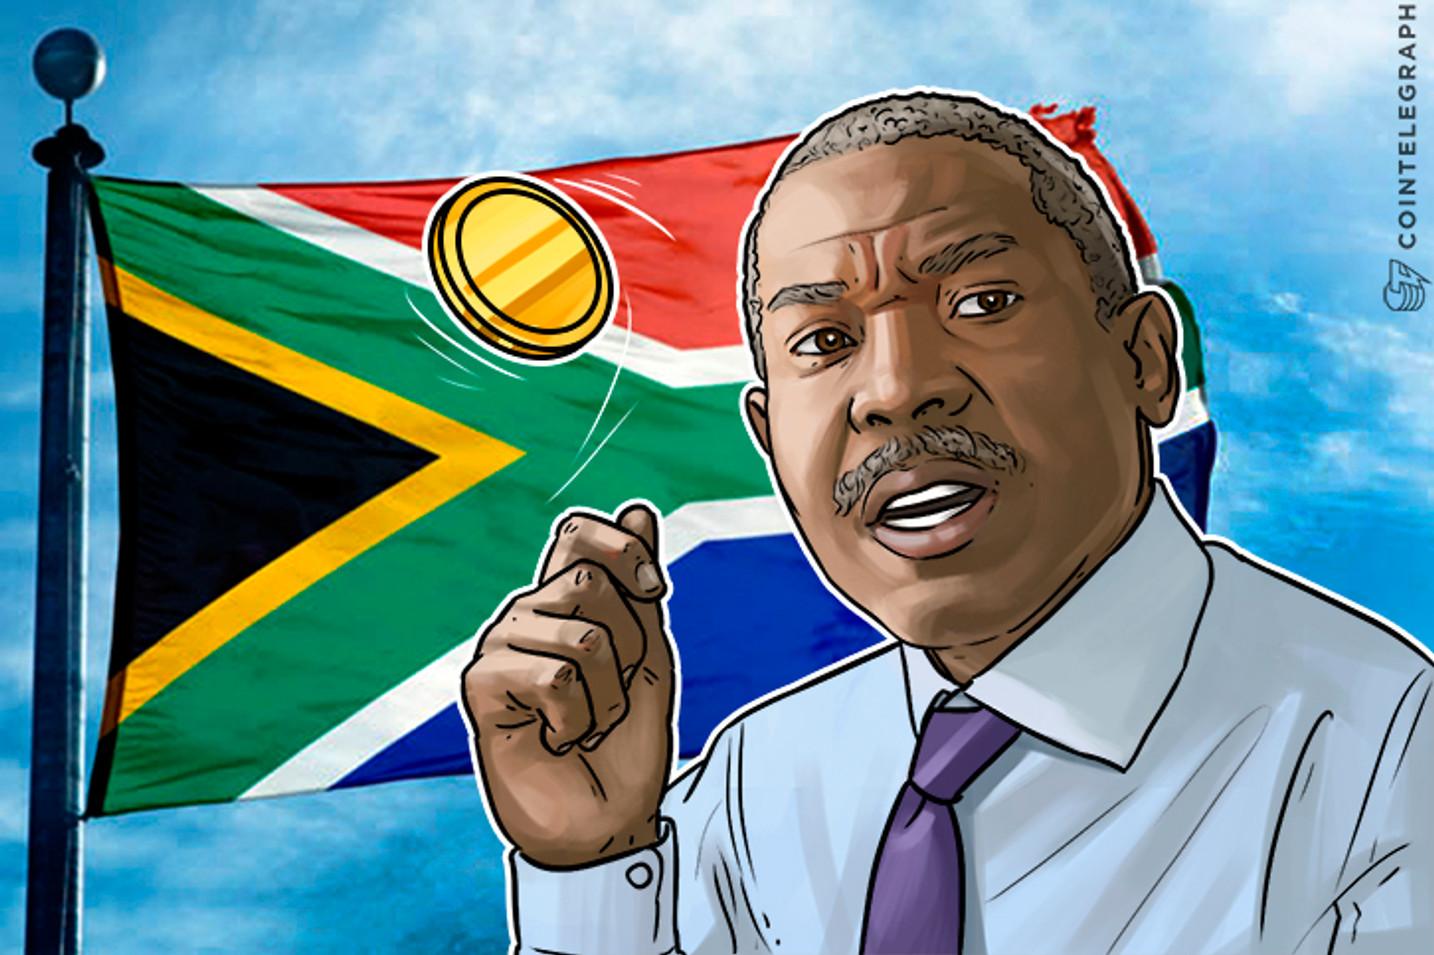 Se le pone arriesgado al banco central sudafricano repartir el Bitcoin